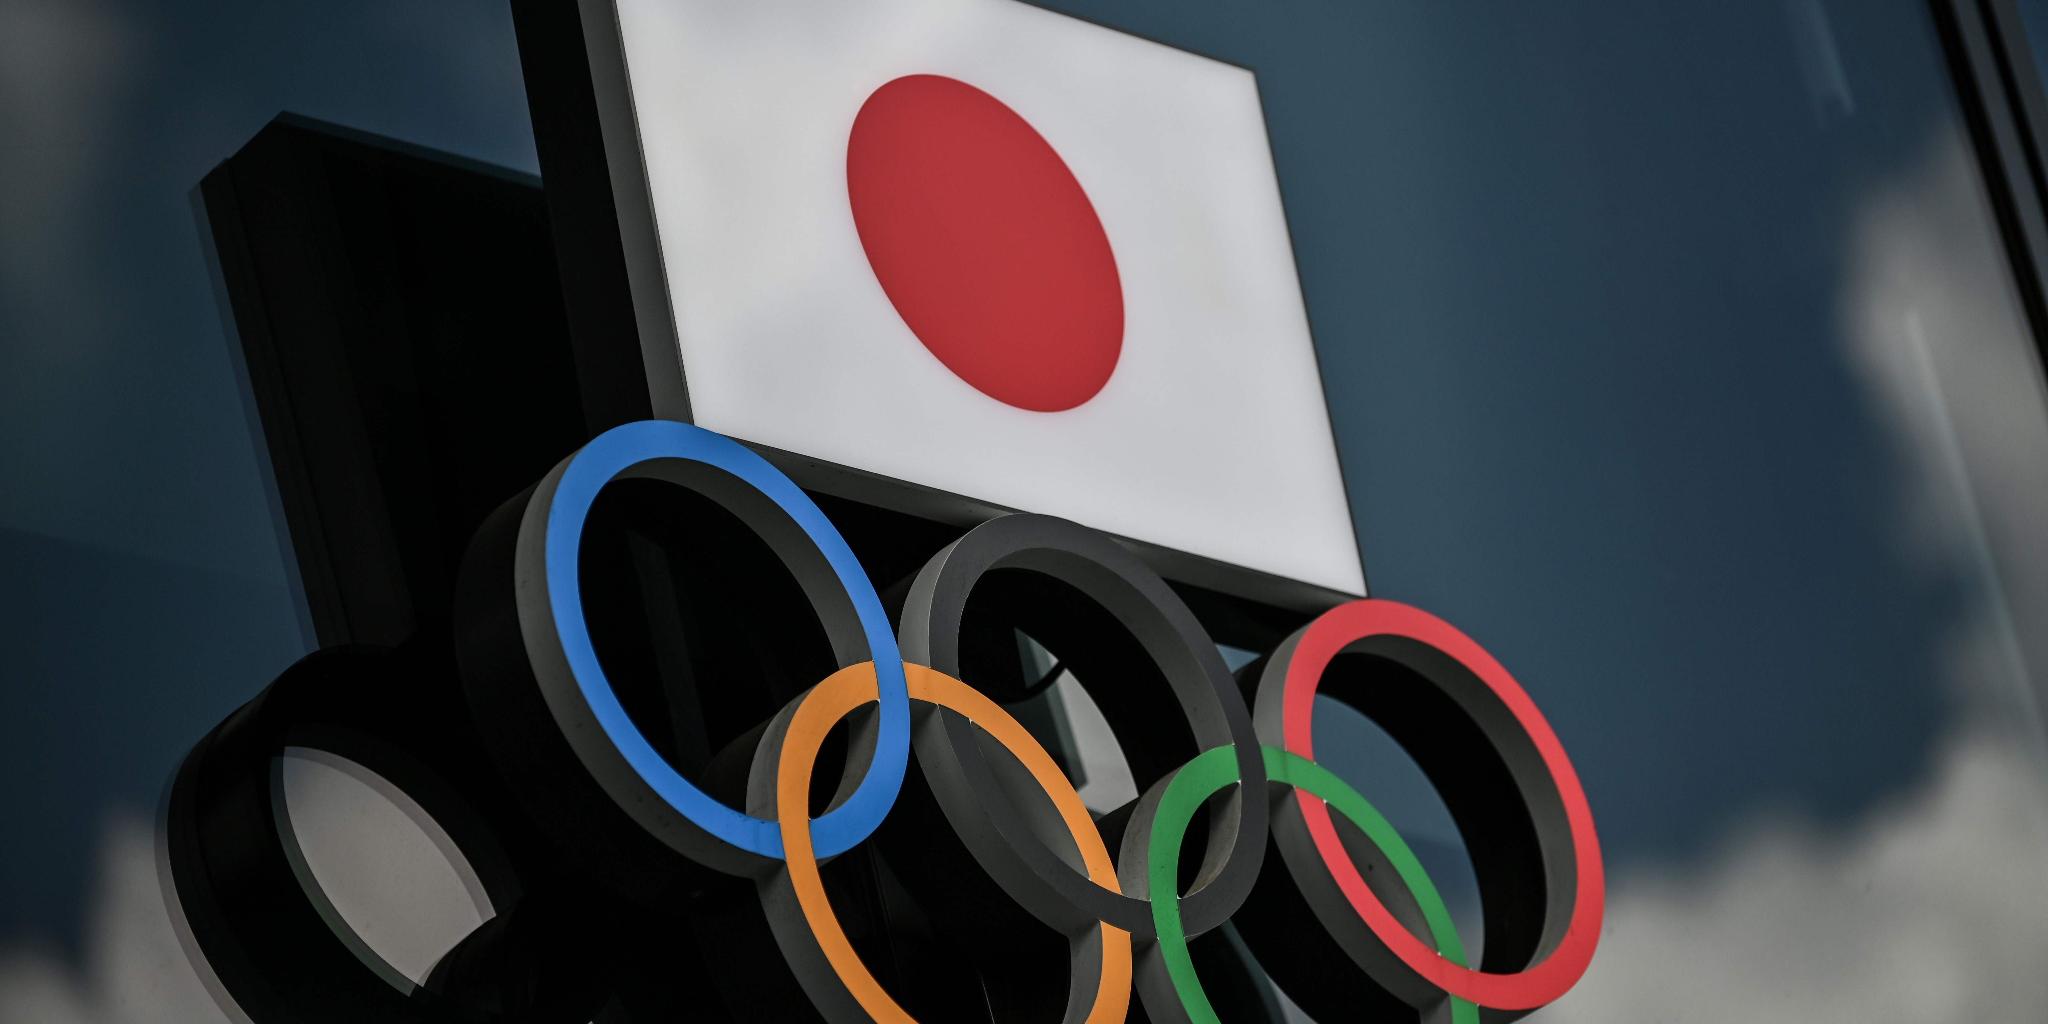 日本擬豁免奧運選手14天隔離 抵埗前後或須接受檢測